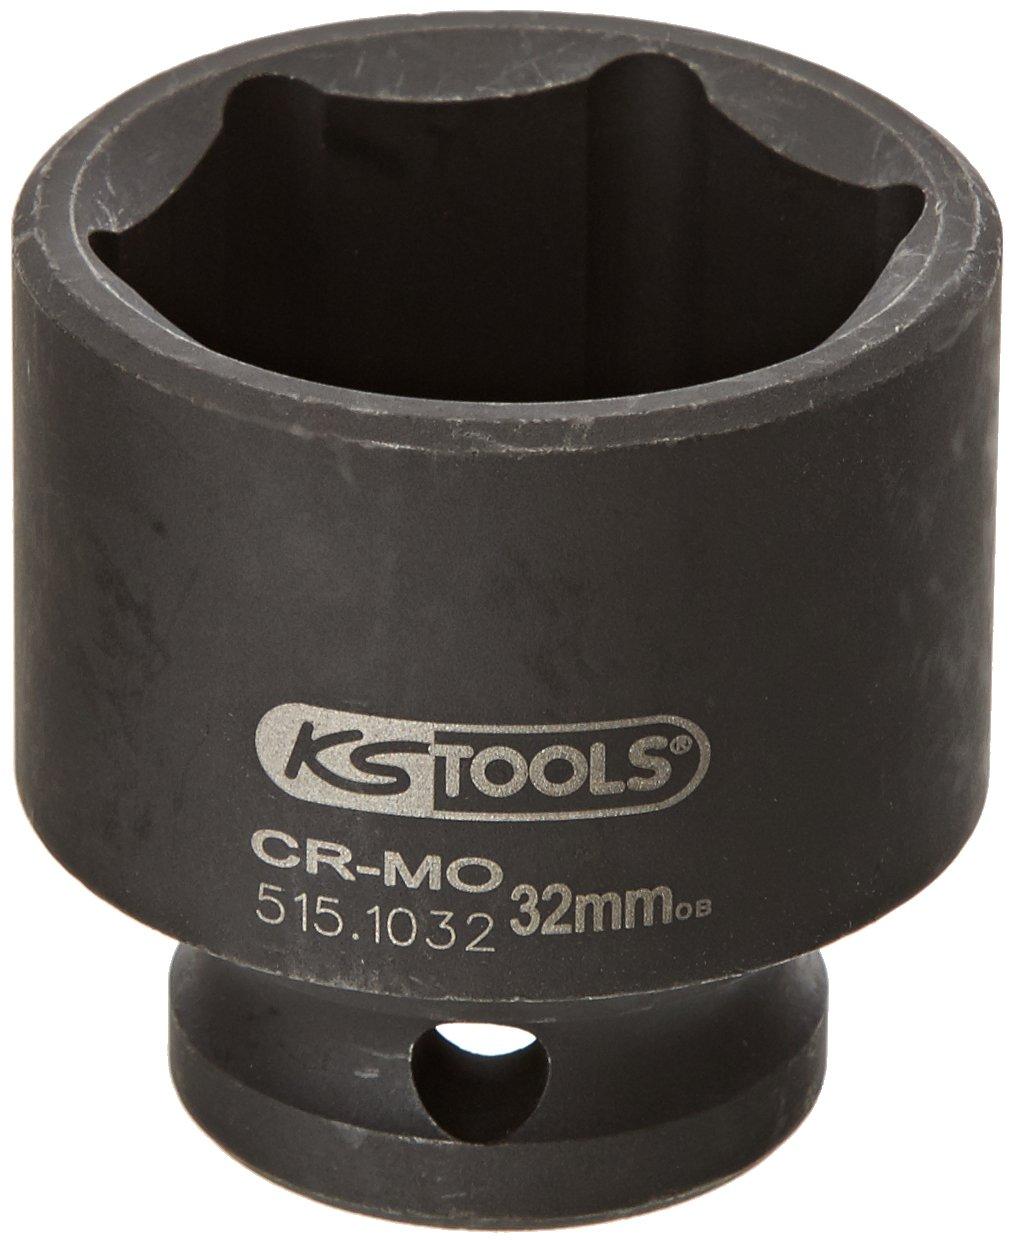 KS TOOLS 515.1032 Douille à chocs 6 pans 1/2'', 32 mm